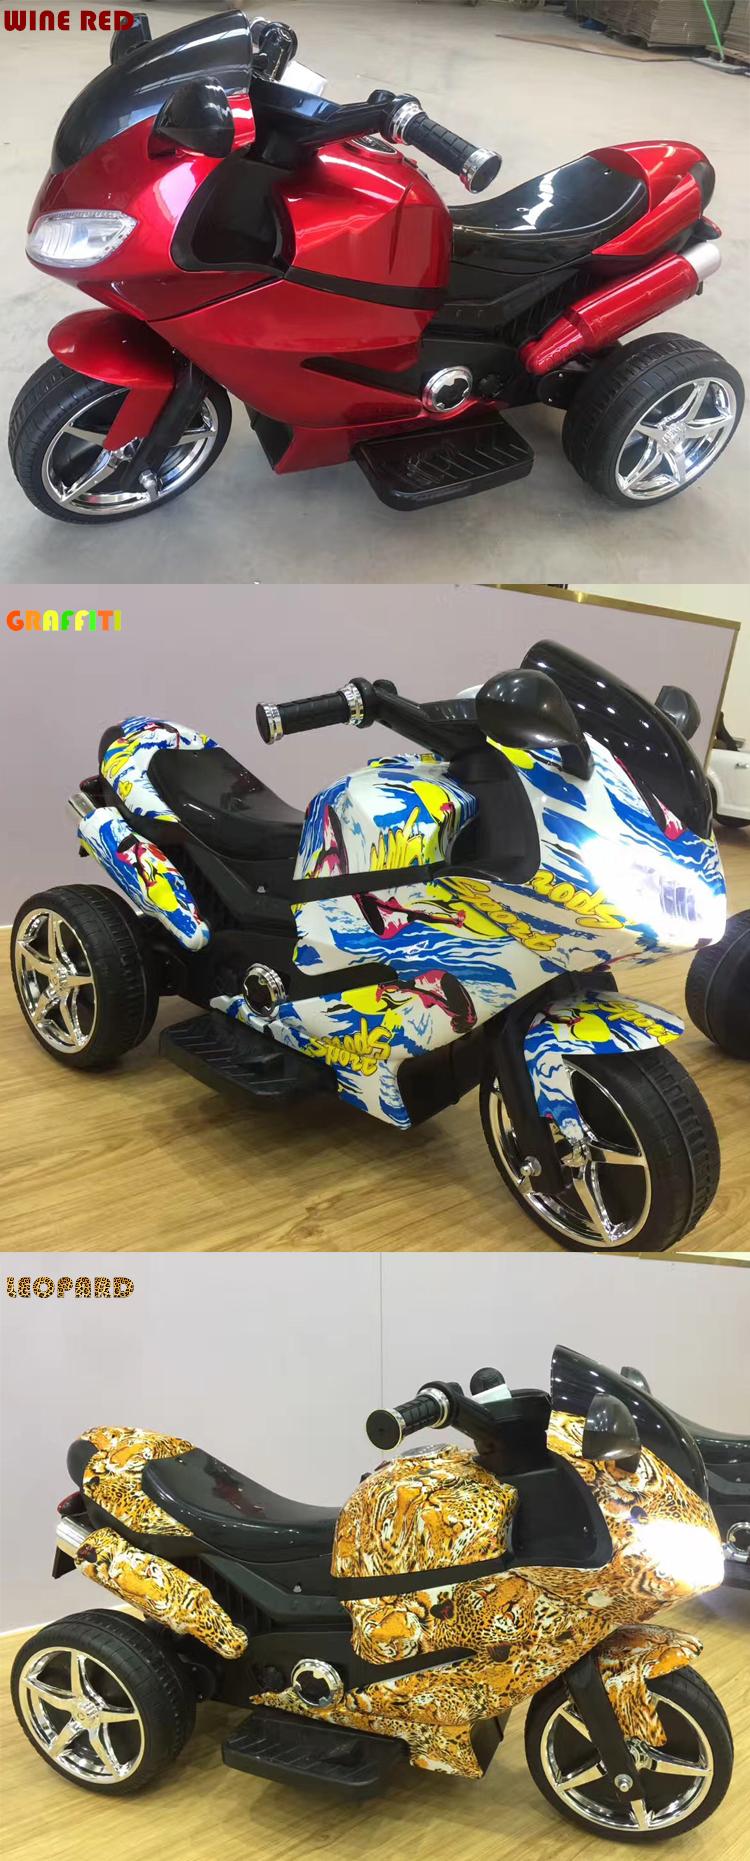 Moto Débarrassés Moteur Enfant Enfants Voitures Voitures Enfants Enfants Roues Mini moto jouet Sur 3 Électrique Jouet Buy Pour enfants doxCeWQrBE